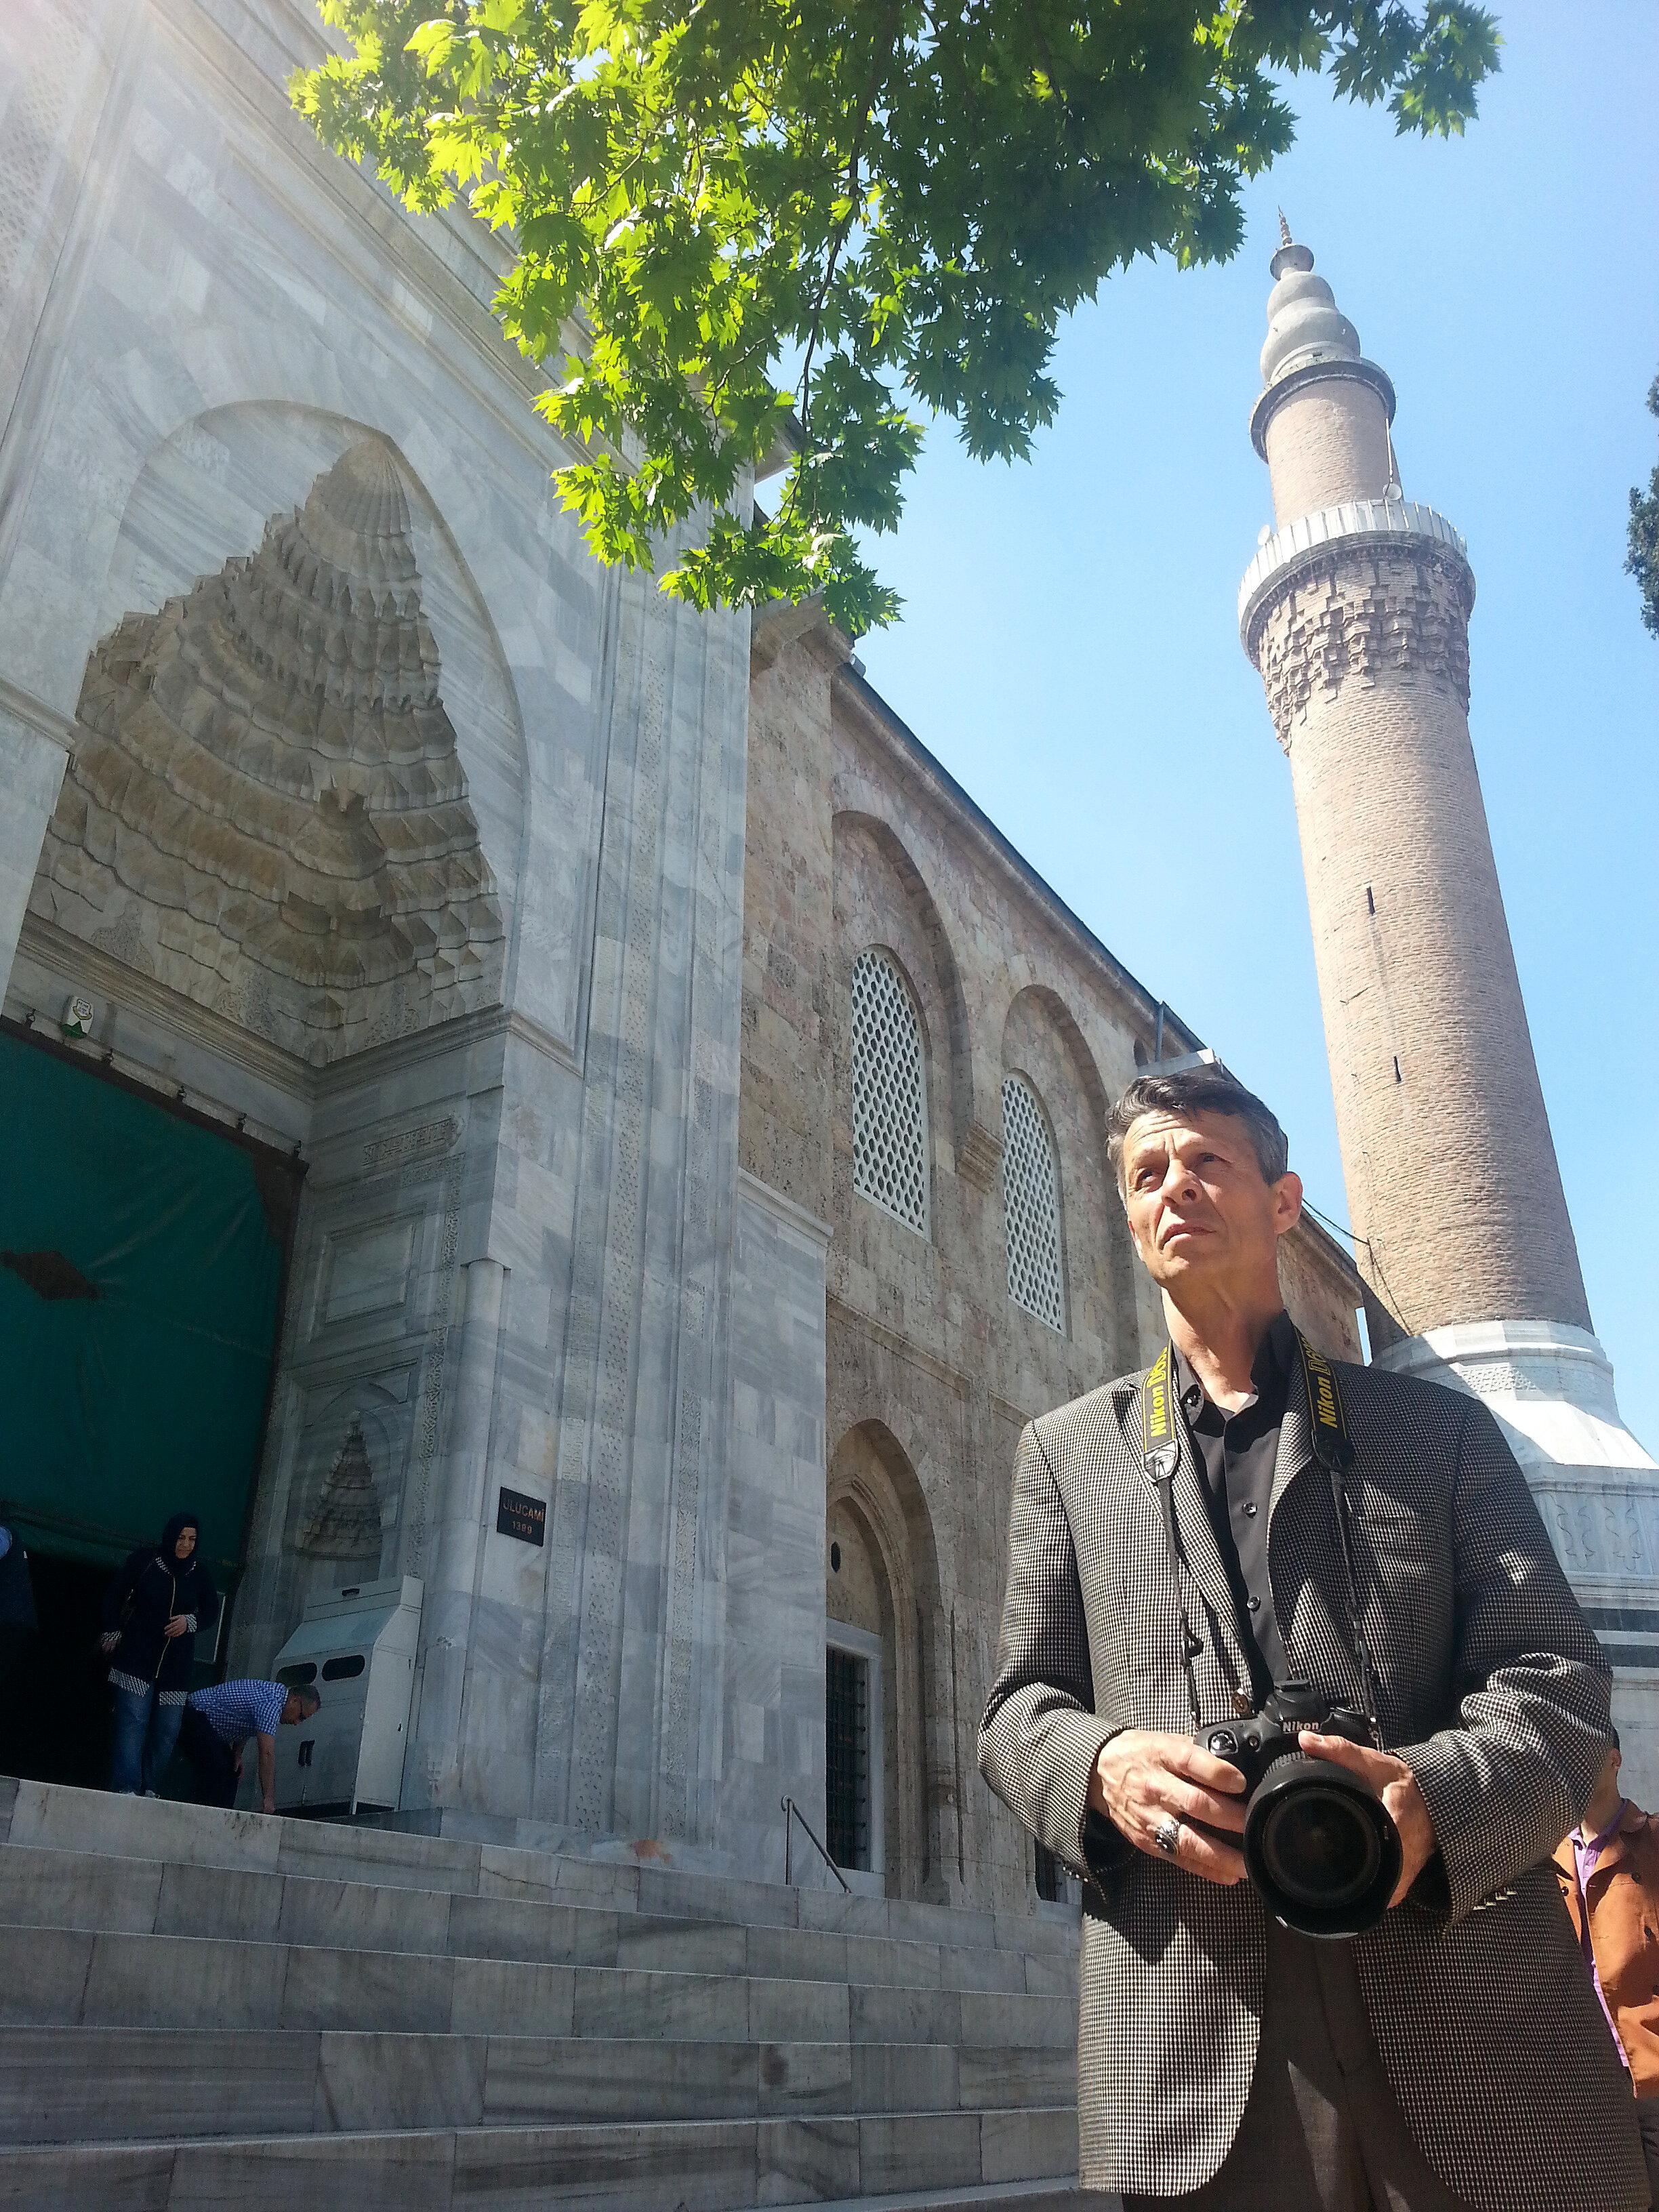 Yunanistan'ın Batı Trakya Türklerinden olan Mustafa Cambaz bu vatan ve bayrak için canını vermeye hazır olduğunu söylerdi.